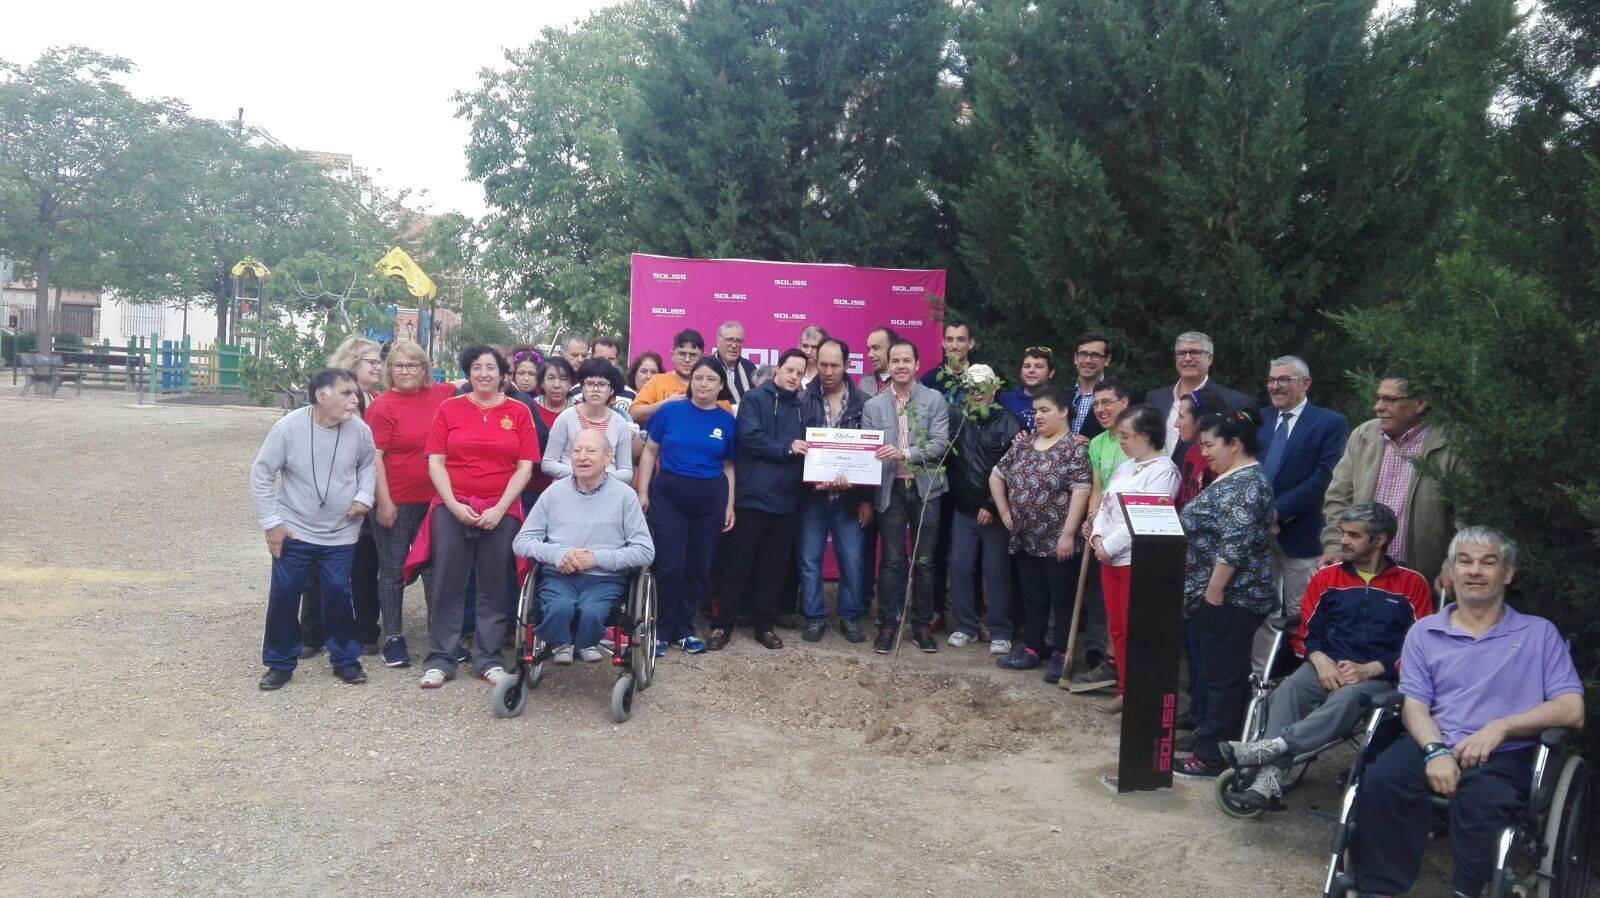 Proyecto Olmo de la Fundación Soliss planta un pequeño Olmo en Herencia 3